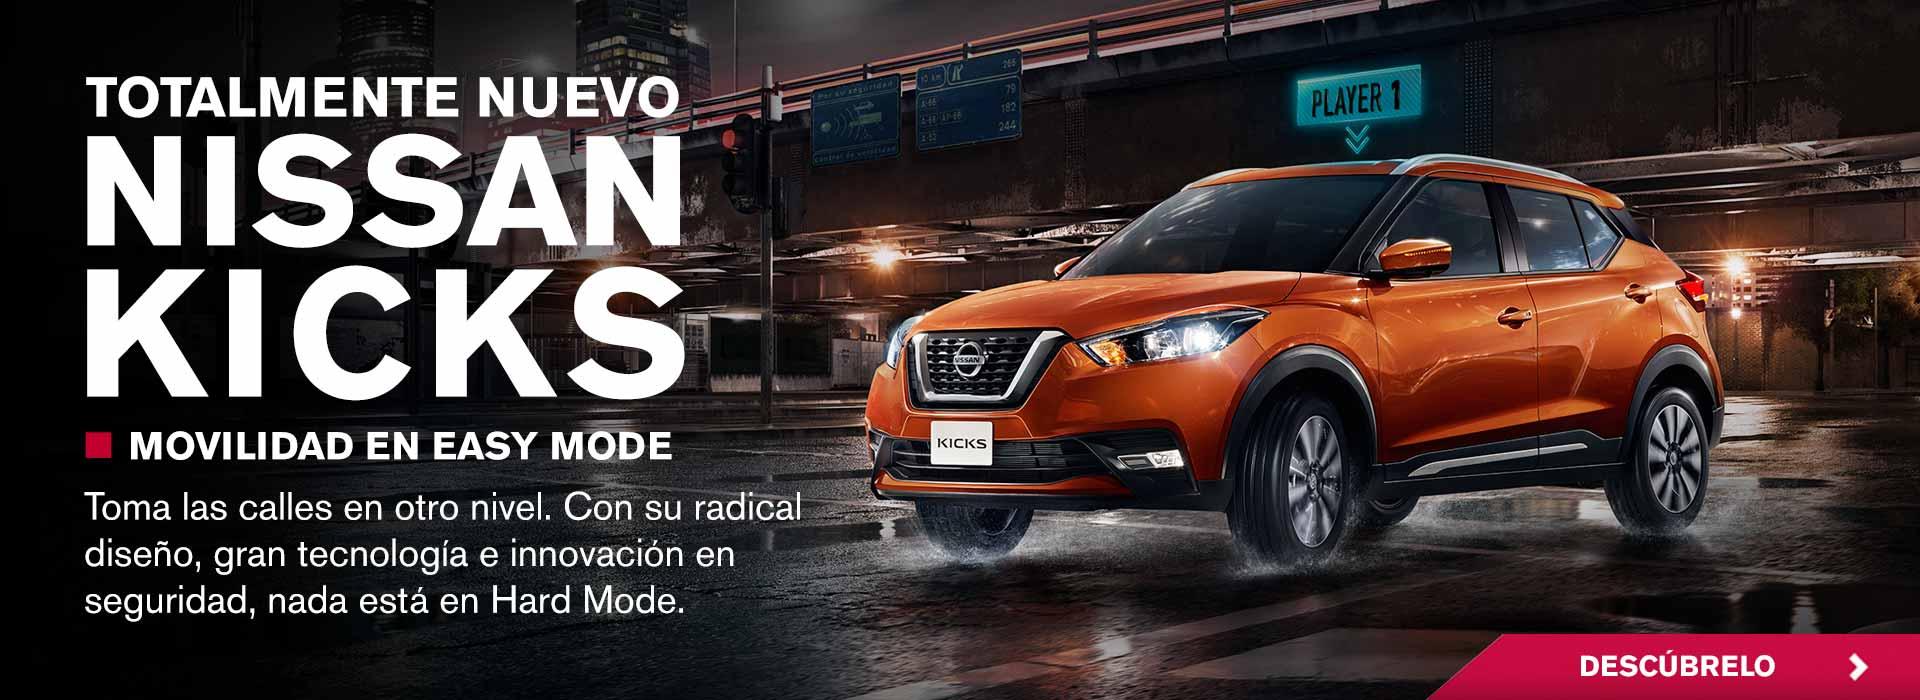 Totalmente nuevo Nissan Kicks